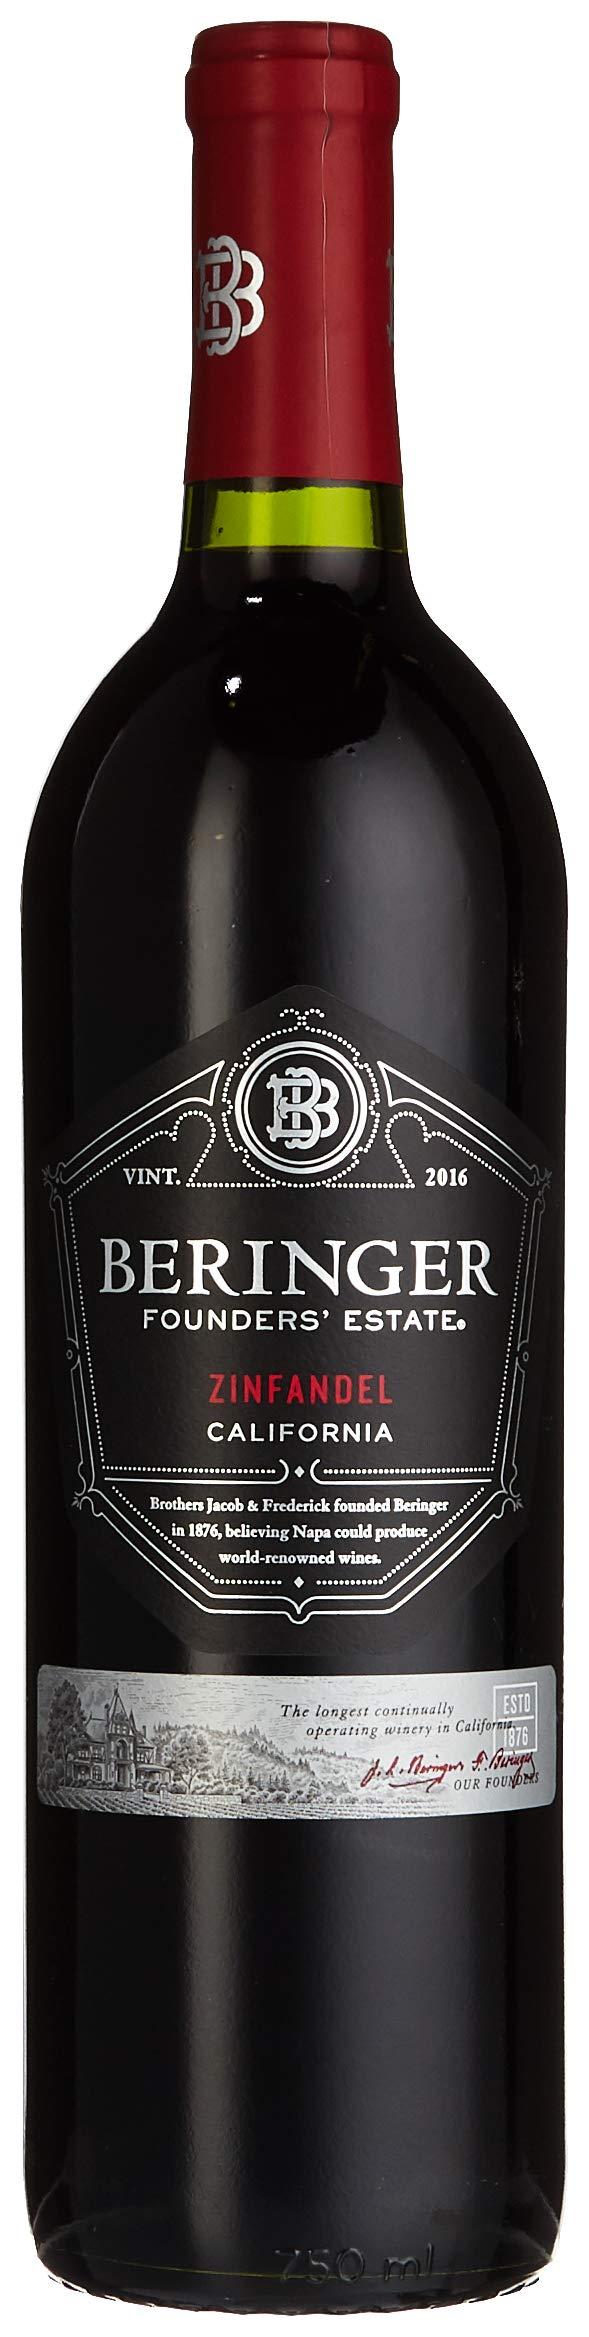 Beringer-Zinfandel-Founders-Estate-Cabernet-Sauvignon-20152016-trocken-6-x-075-l